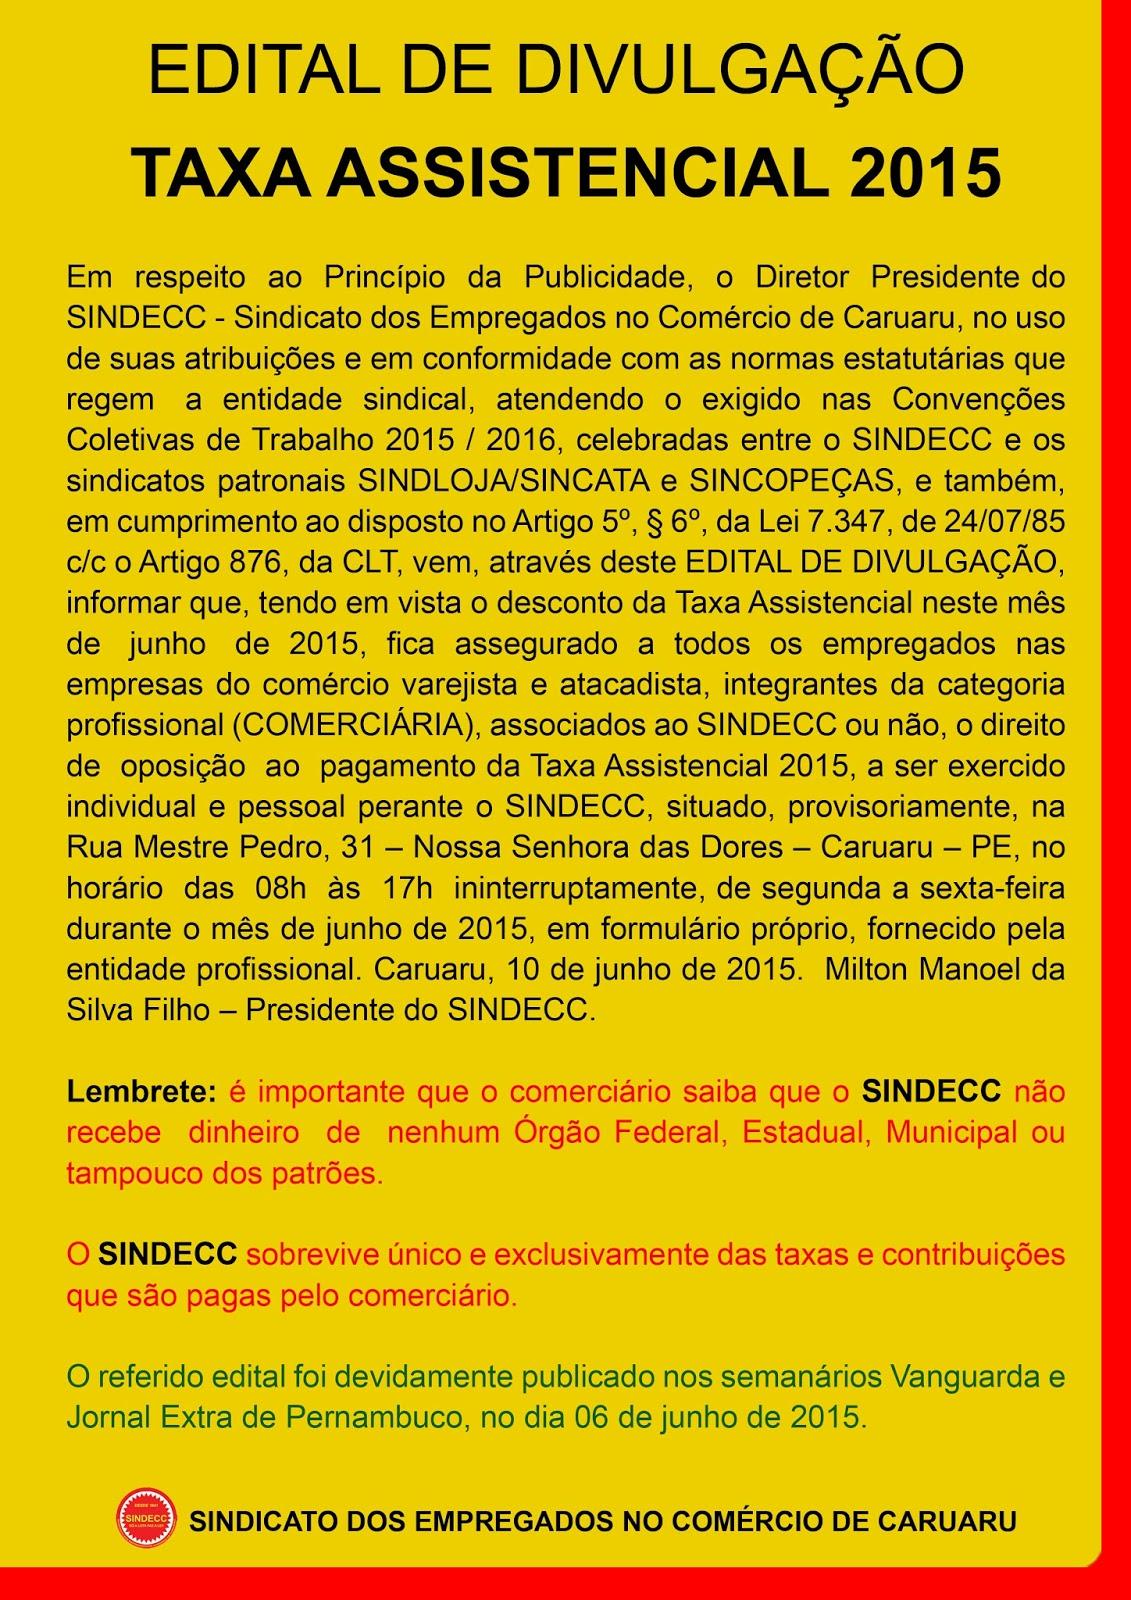 EDITAL DE DIVULGAÇÃO E OPOSIÇÃO – TAXA ASSISTENCIAL 2015